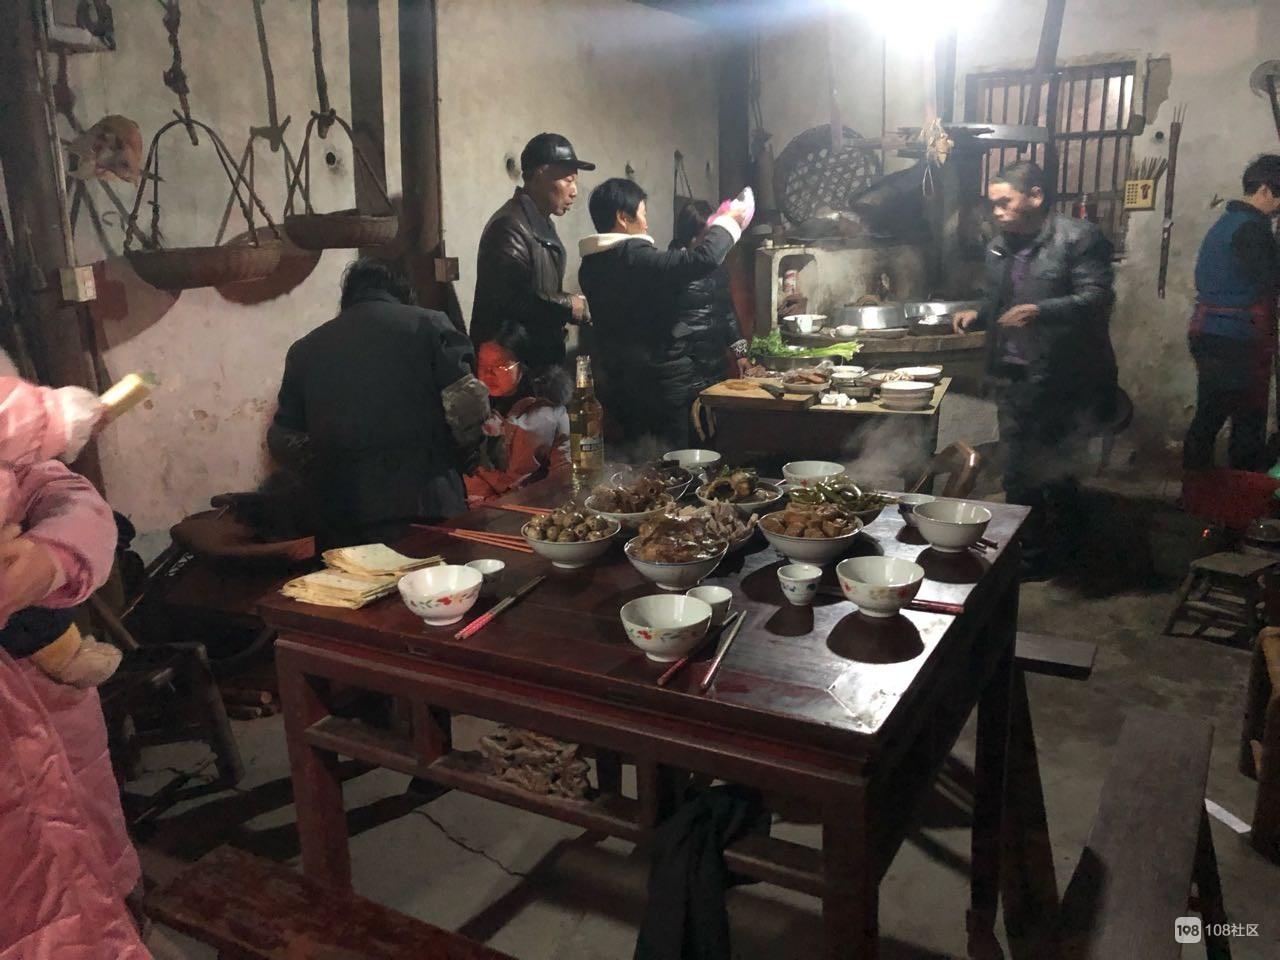 嵊州囊的年味!全家都回小山村过年,一起烤火聊天吃瓜子